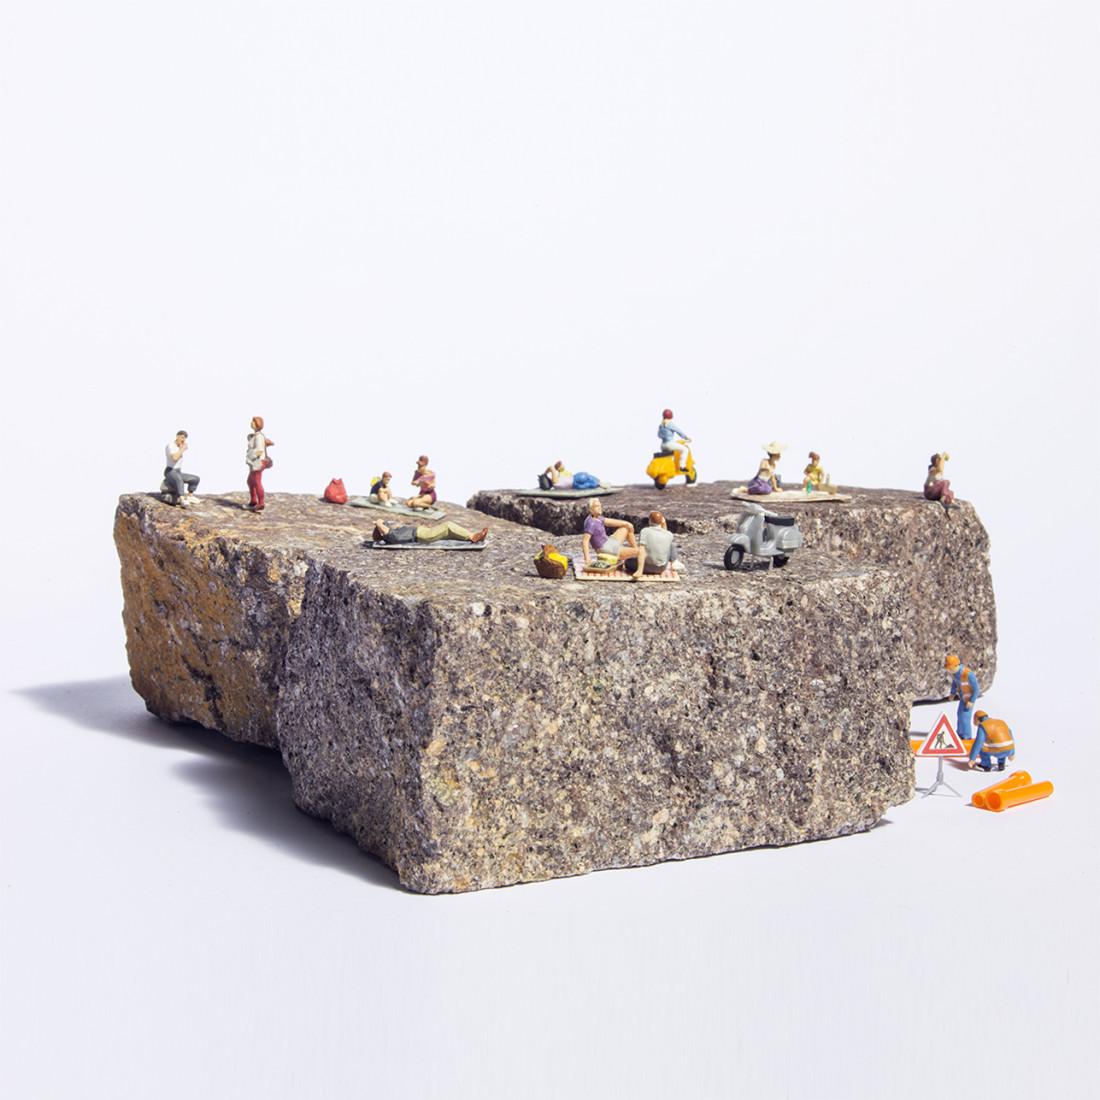 picnicurbano